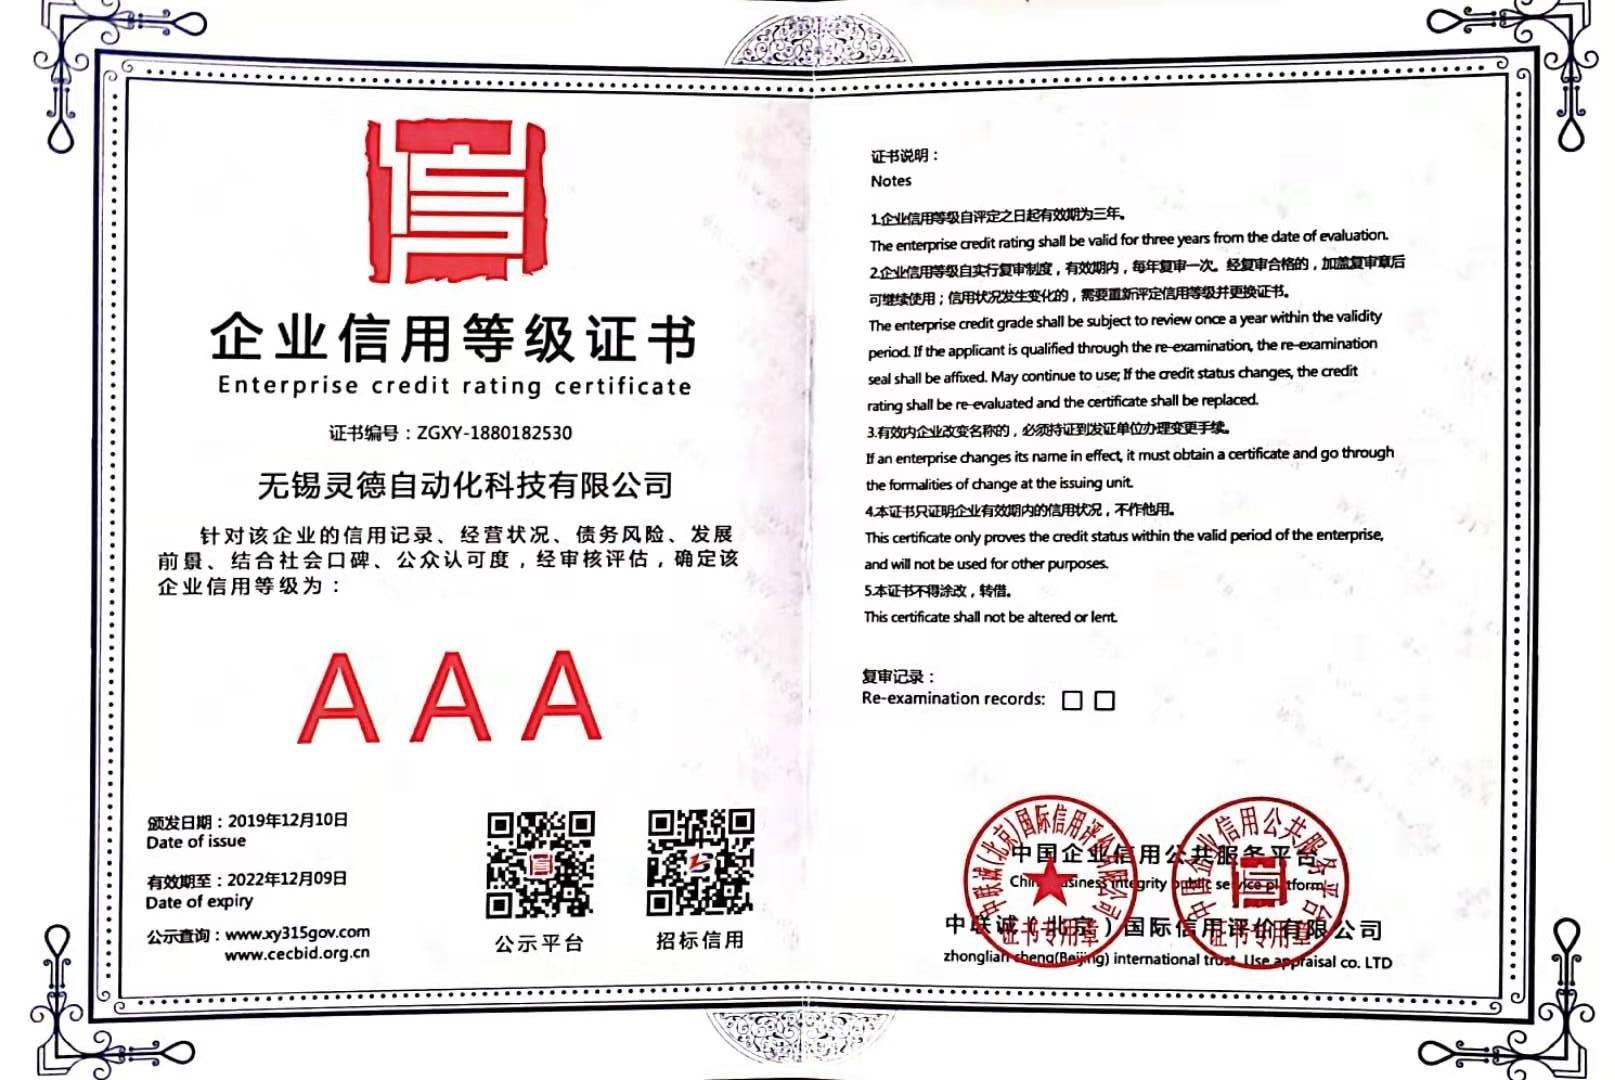 企业信用等级证书.JPG